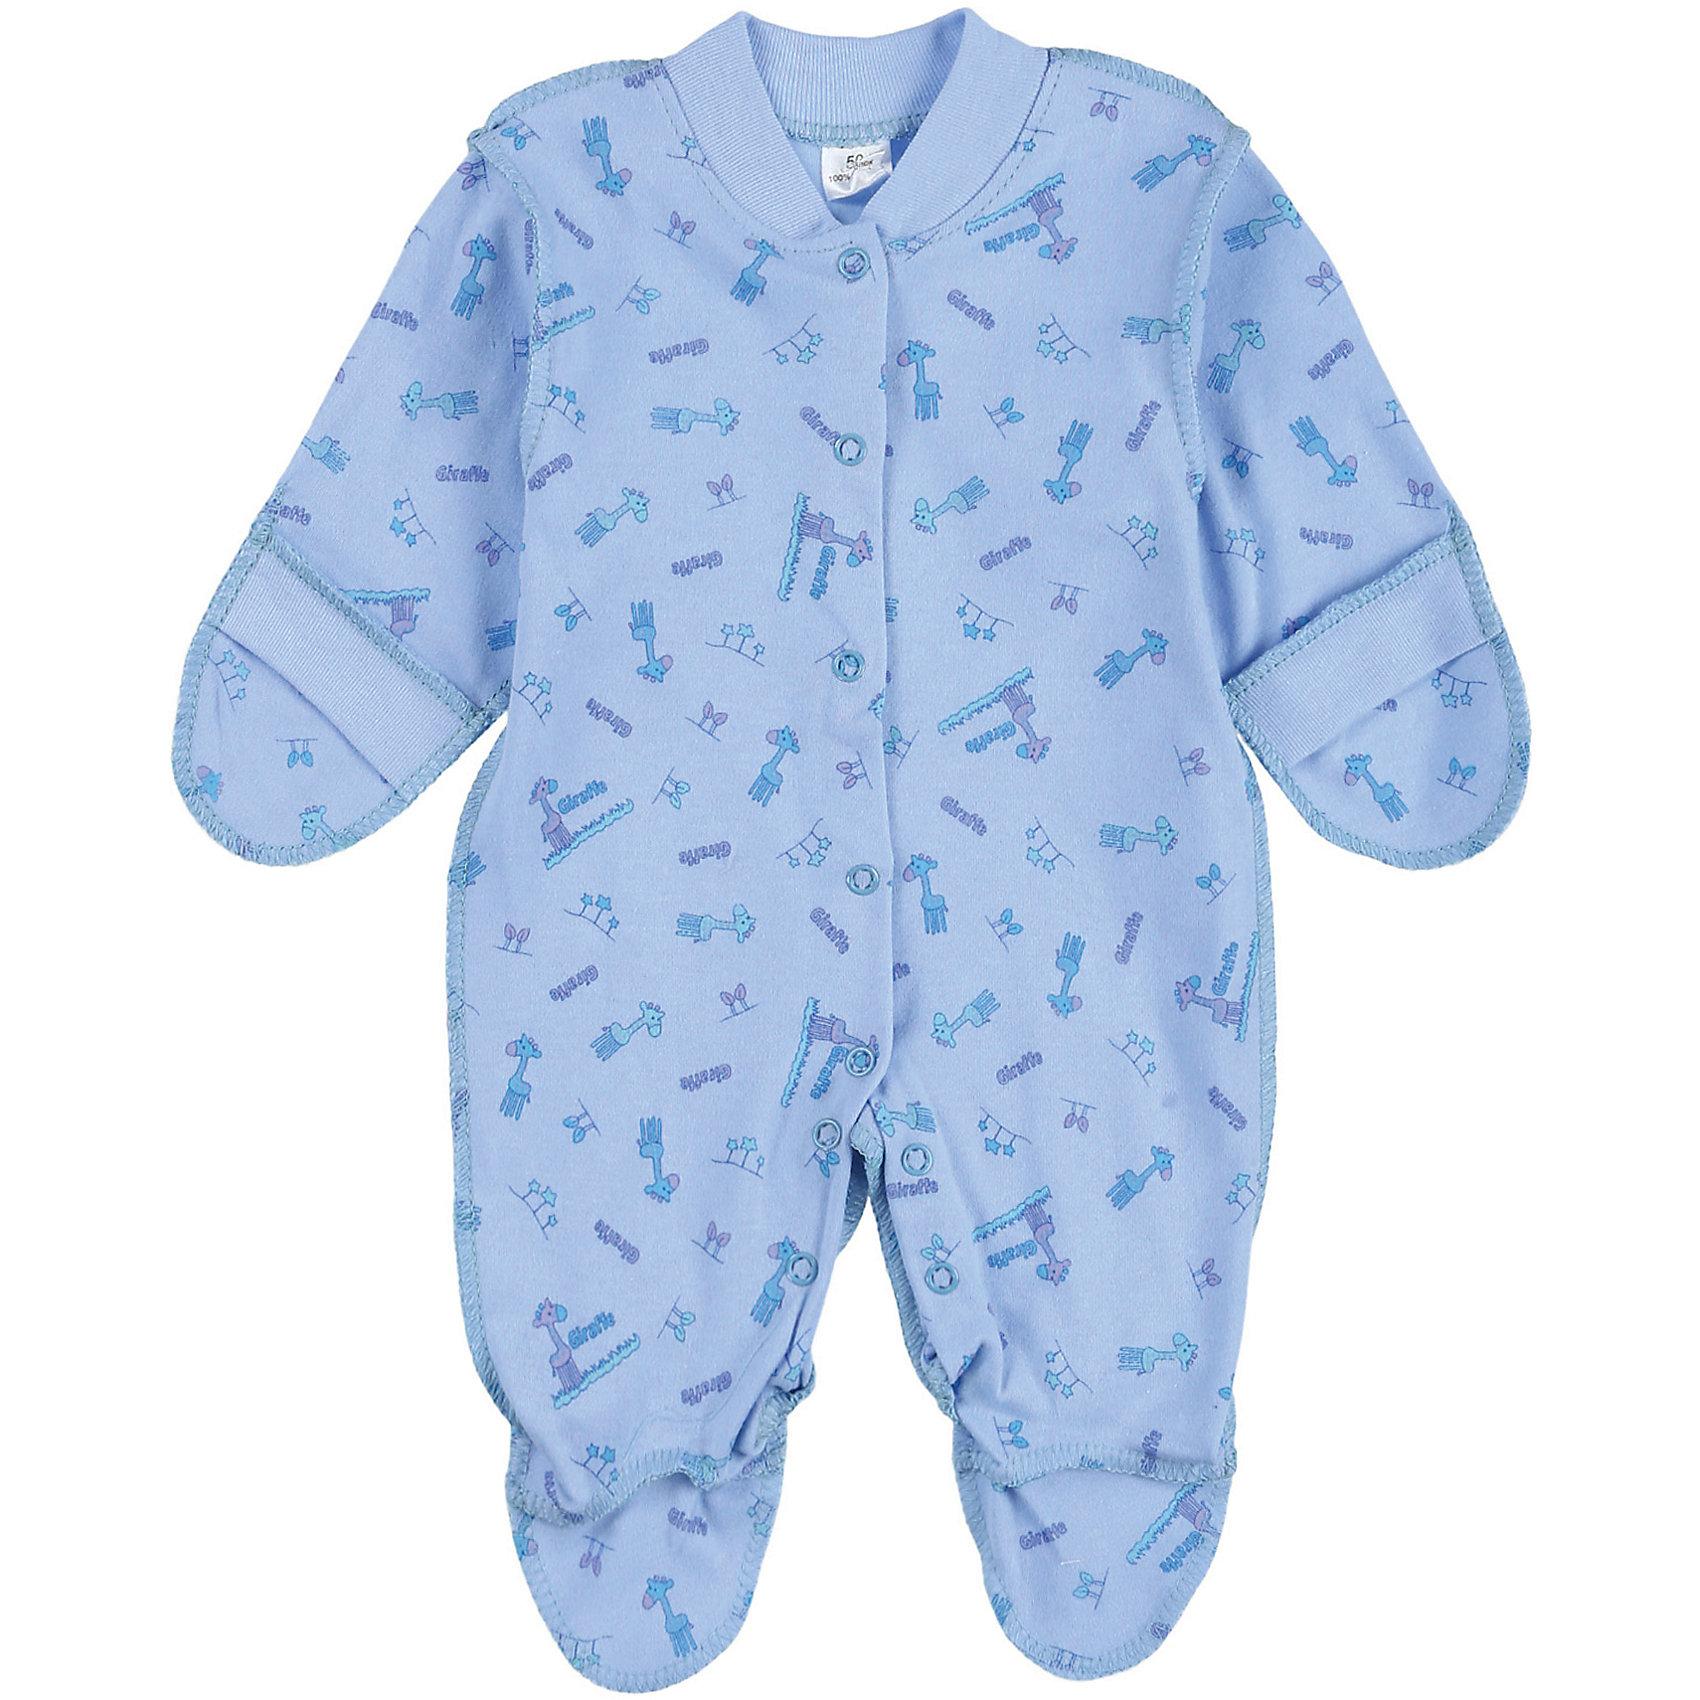 Комбинезон ДамонтДетский комбинезон для мальчика - очень удобный и практичный вид одежды для малыша. Комбинезон выполнен из натурального хлопка, благодаря чему он необычайно мягкий и приятный на ощупь, не раздражает нежную кожу ребенка и хорошо вентилируется, а эластичные швы приятны телу младенца и не препятствуют его движениям.<br><br>Состав: 100% хлопок<br><br>Ширина мм: 157<br>Глубина мм: 13<br>Высота мм: 119<br>Вес г: 200<br>Цвет: голубой<br>Возраст от месяцев: 2<br>Возраст до месяцев: 5<br>Пол: Унисекс<br>Возраст: Детский<br>Размер: 62,56,50<br>SKU: 4264930